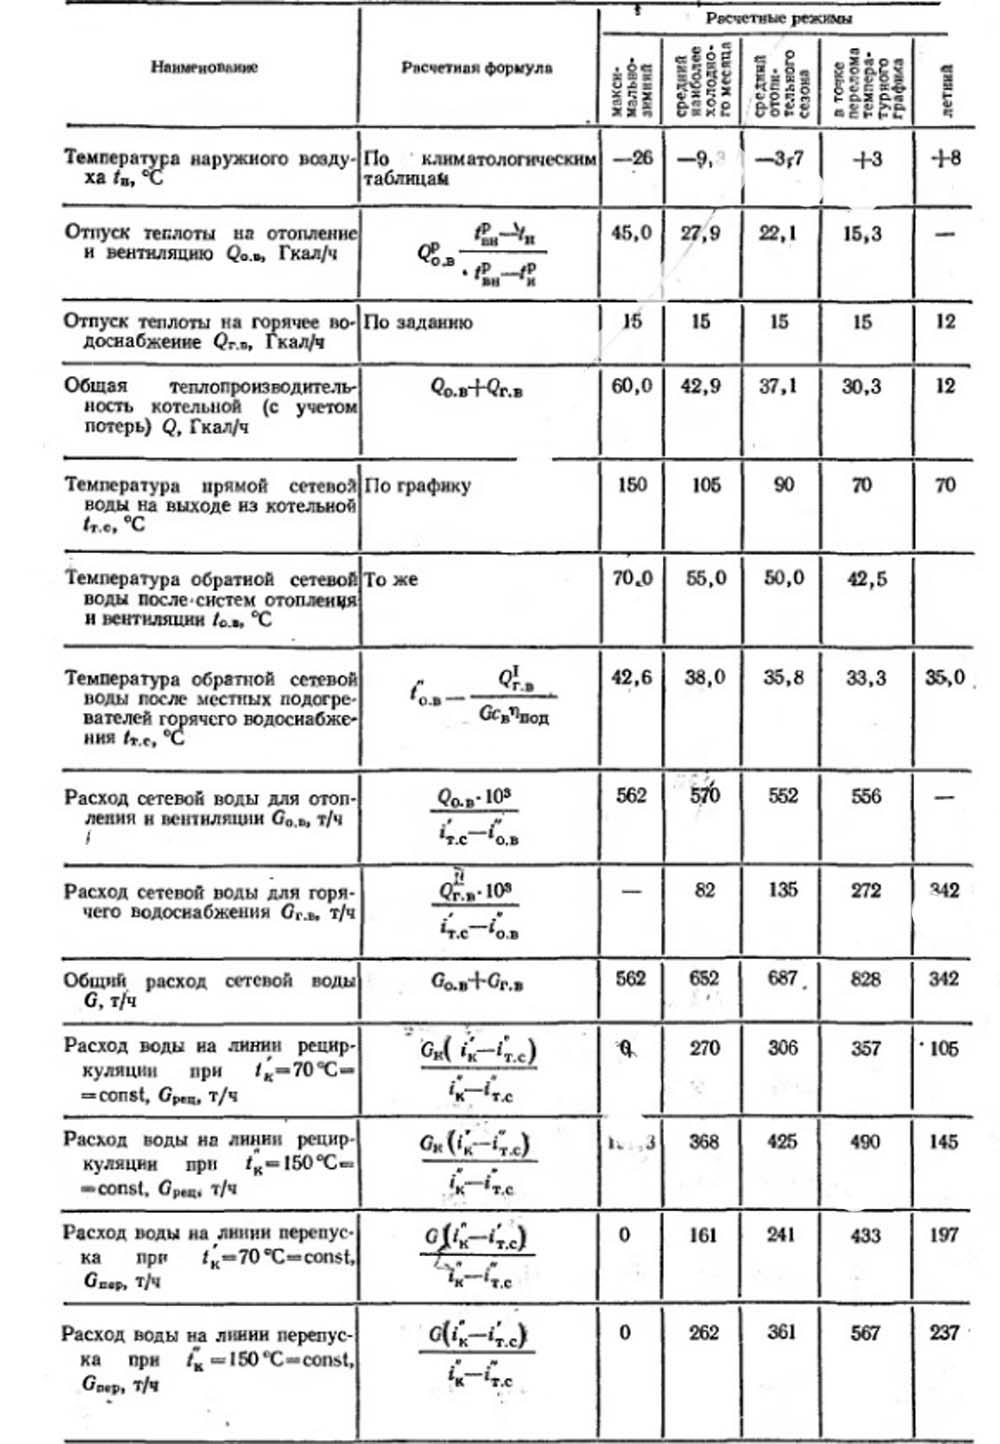 Тепловой расчет тепловой схемы котельной